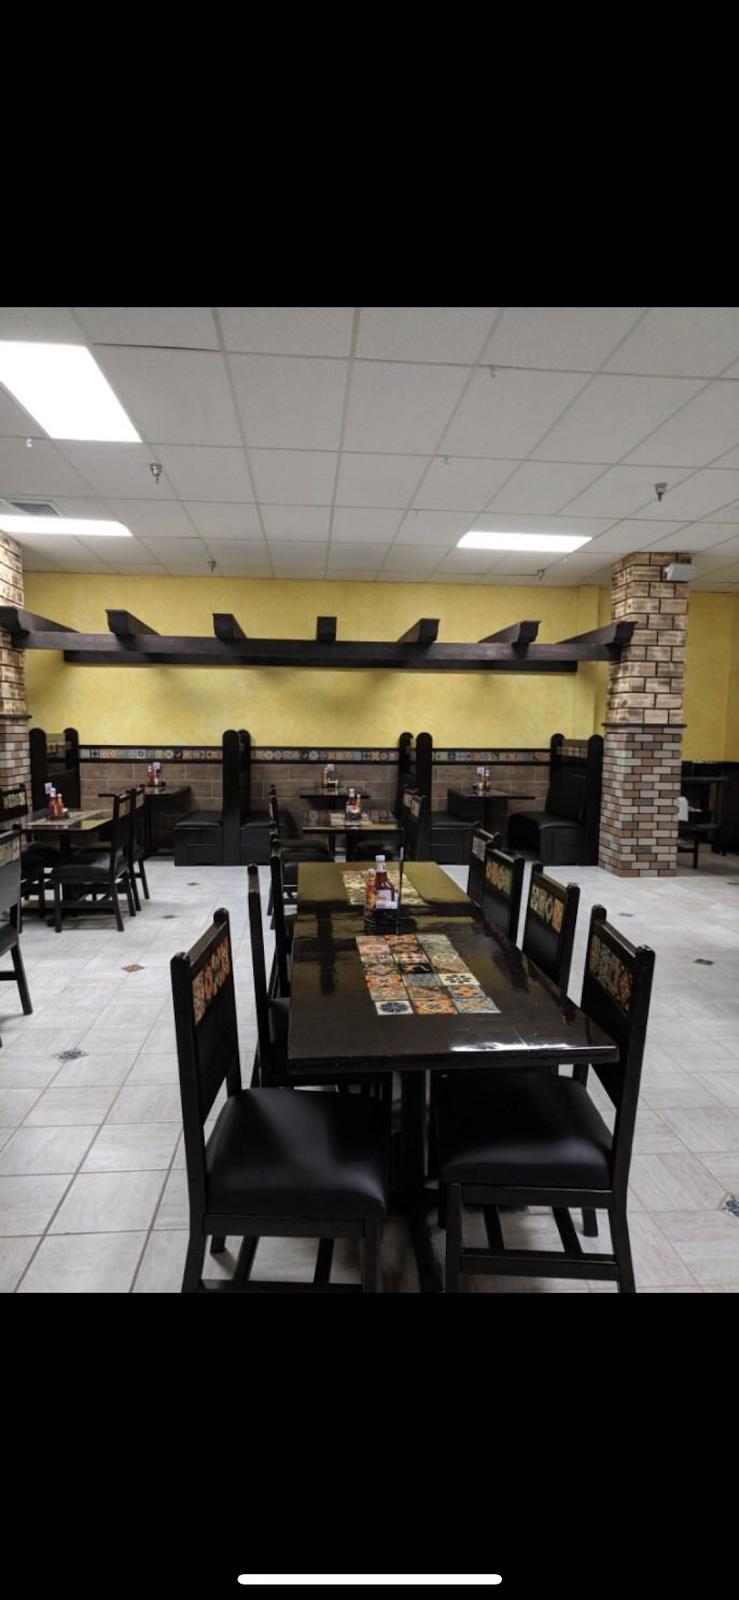 Mi Veracruz Mexican Grill #2 | restaurant | IL-16, Shelbyville, IL 62565, USA | 2177744729 OR +1 217-774-4729